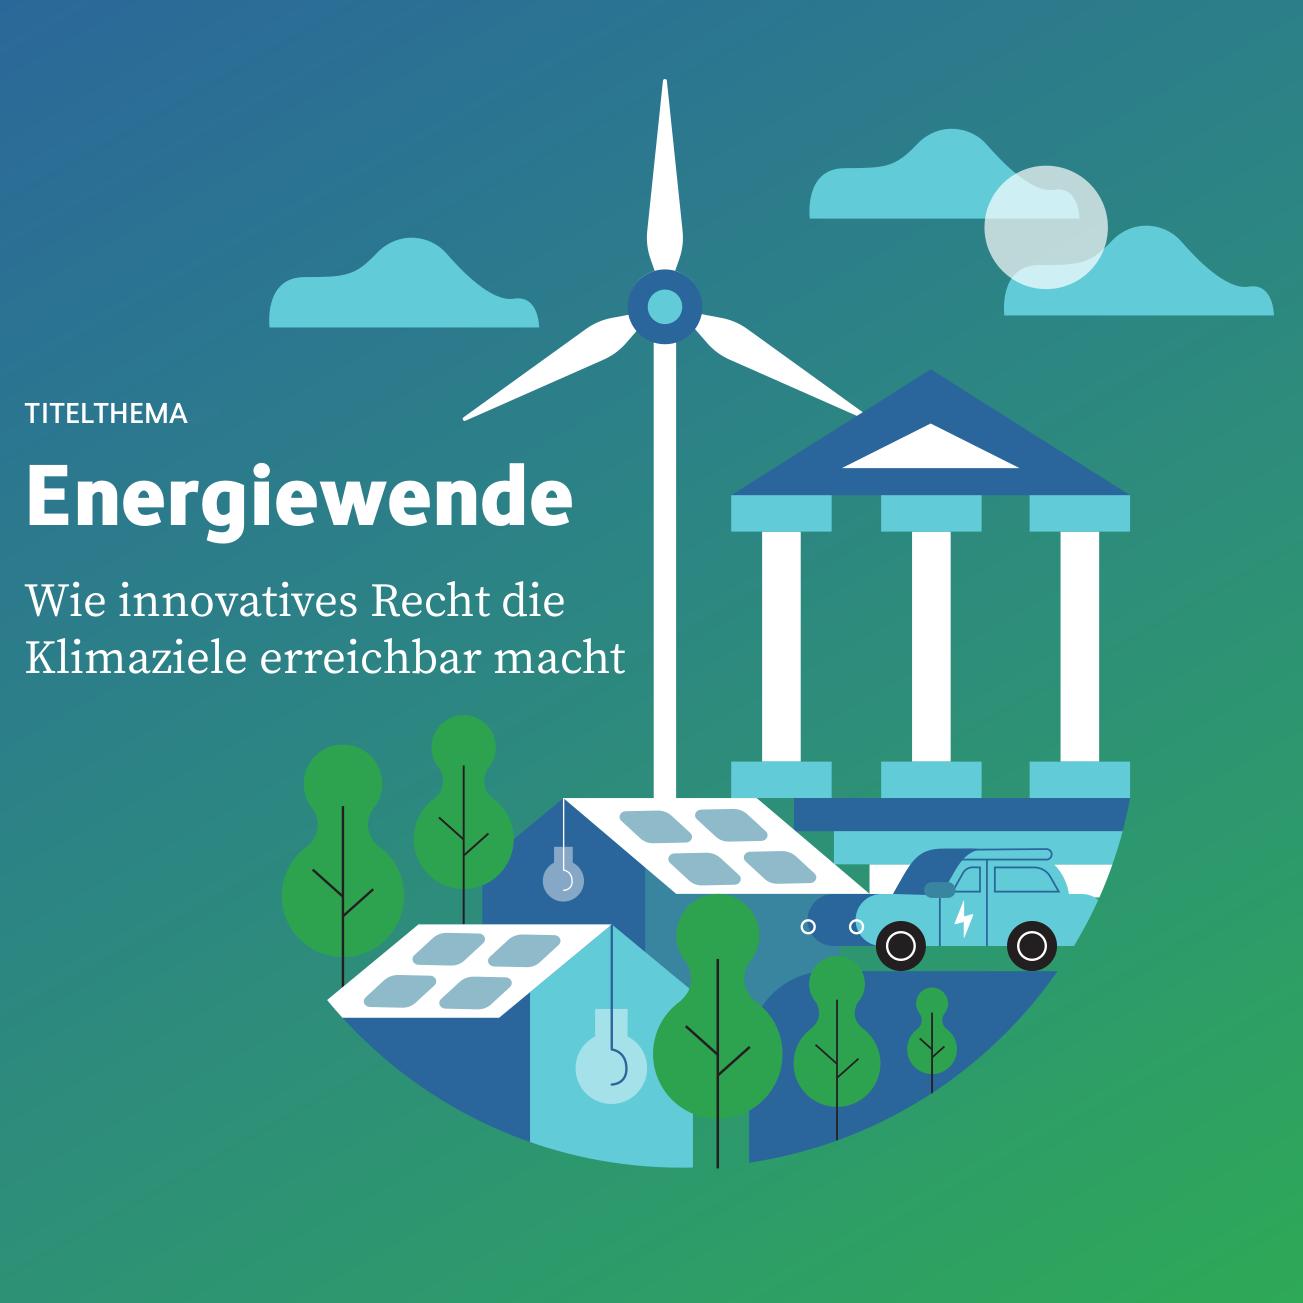 Mehr Automatisierung gleich mehr Klimaschutz? Zweckmäßige Regulierung für einen klimaschützenden Einsatz autonomer und vernetzter Fahrfunktionen